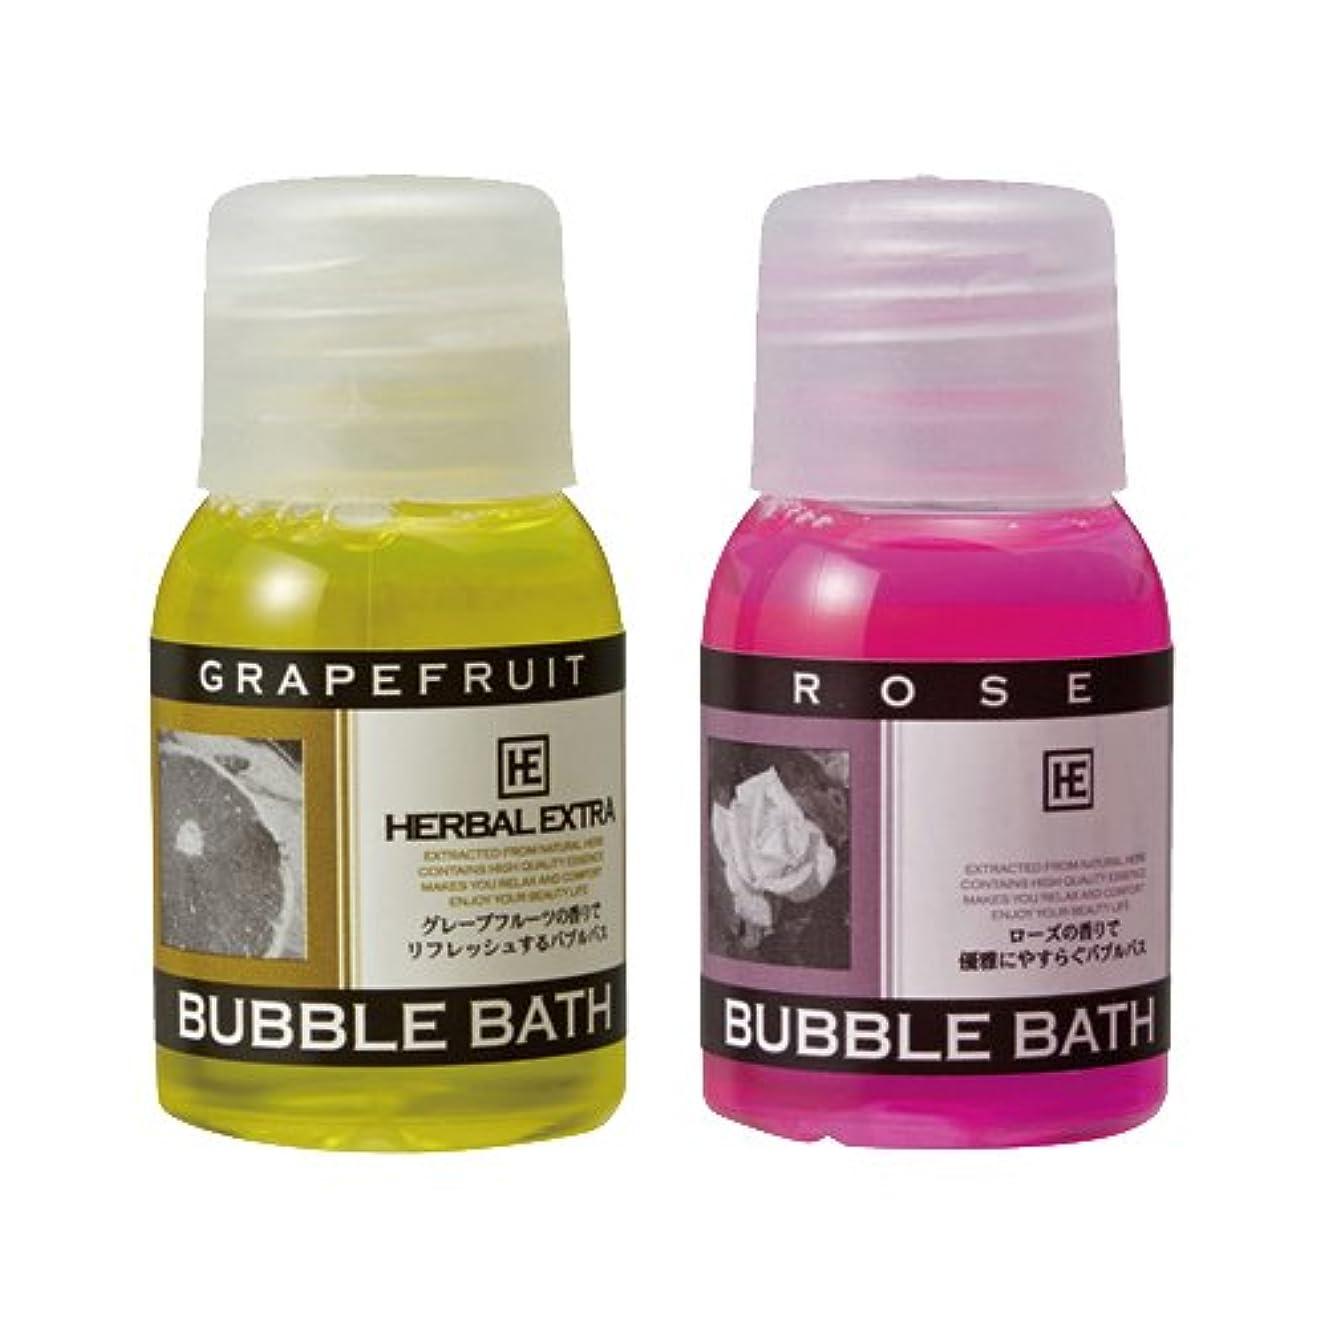 サーバ標準忘れられないハーバルエクストラ バブルバス ミニボトル × おまかせアソート10個セット - ホテルアメニティ 業務用 発泡入浴剤 (BUBBLE BATH)